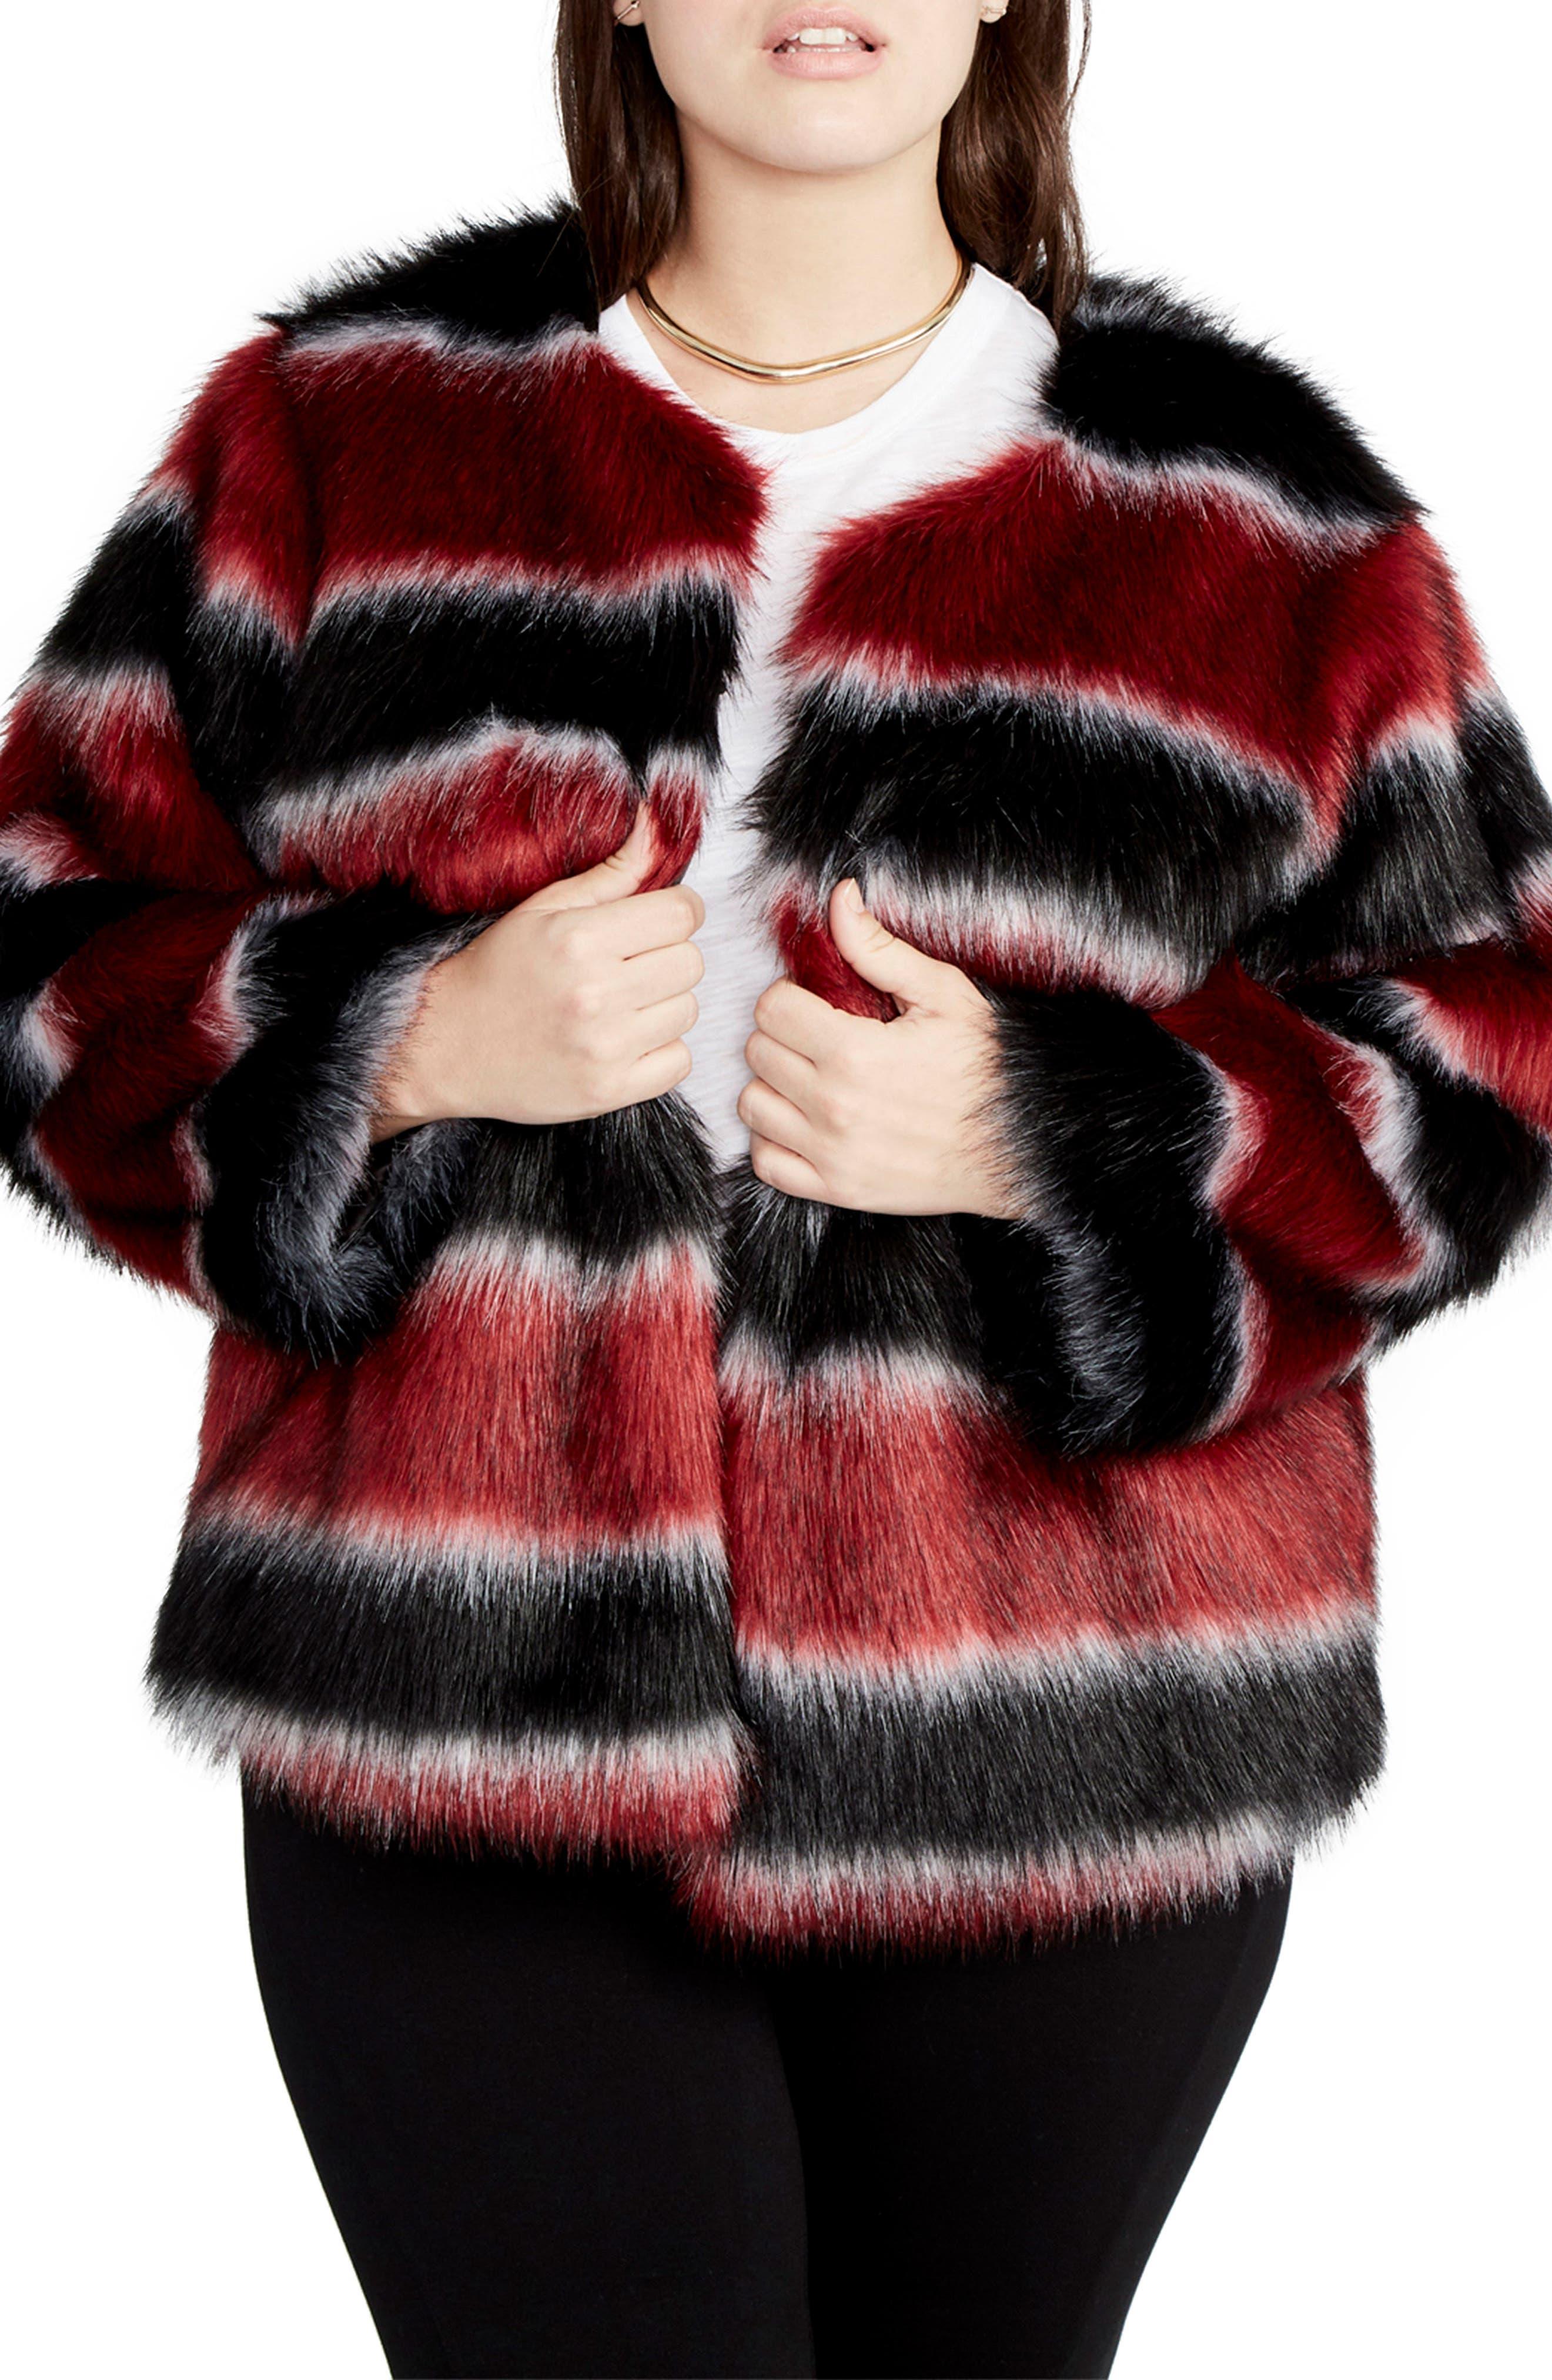 Alternate Image 1 Selected - RACHEL Rachel Roy Stripe Faux Fur Coat (Plus Size)